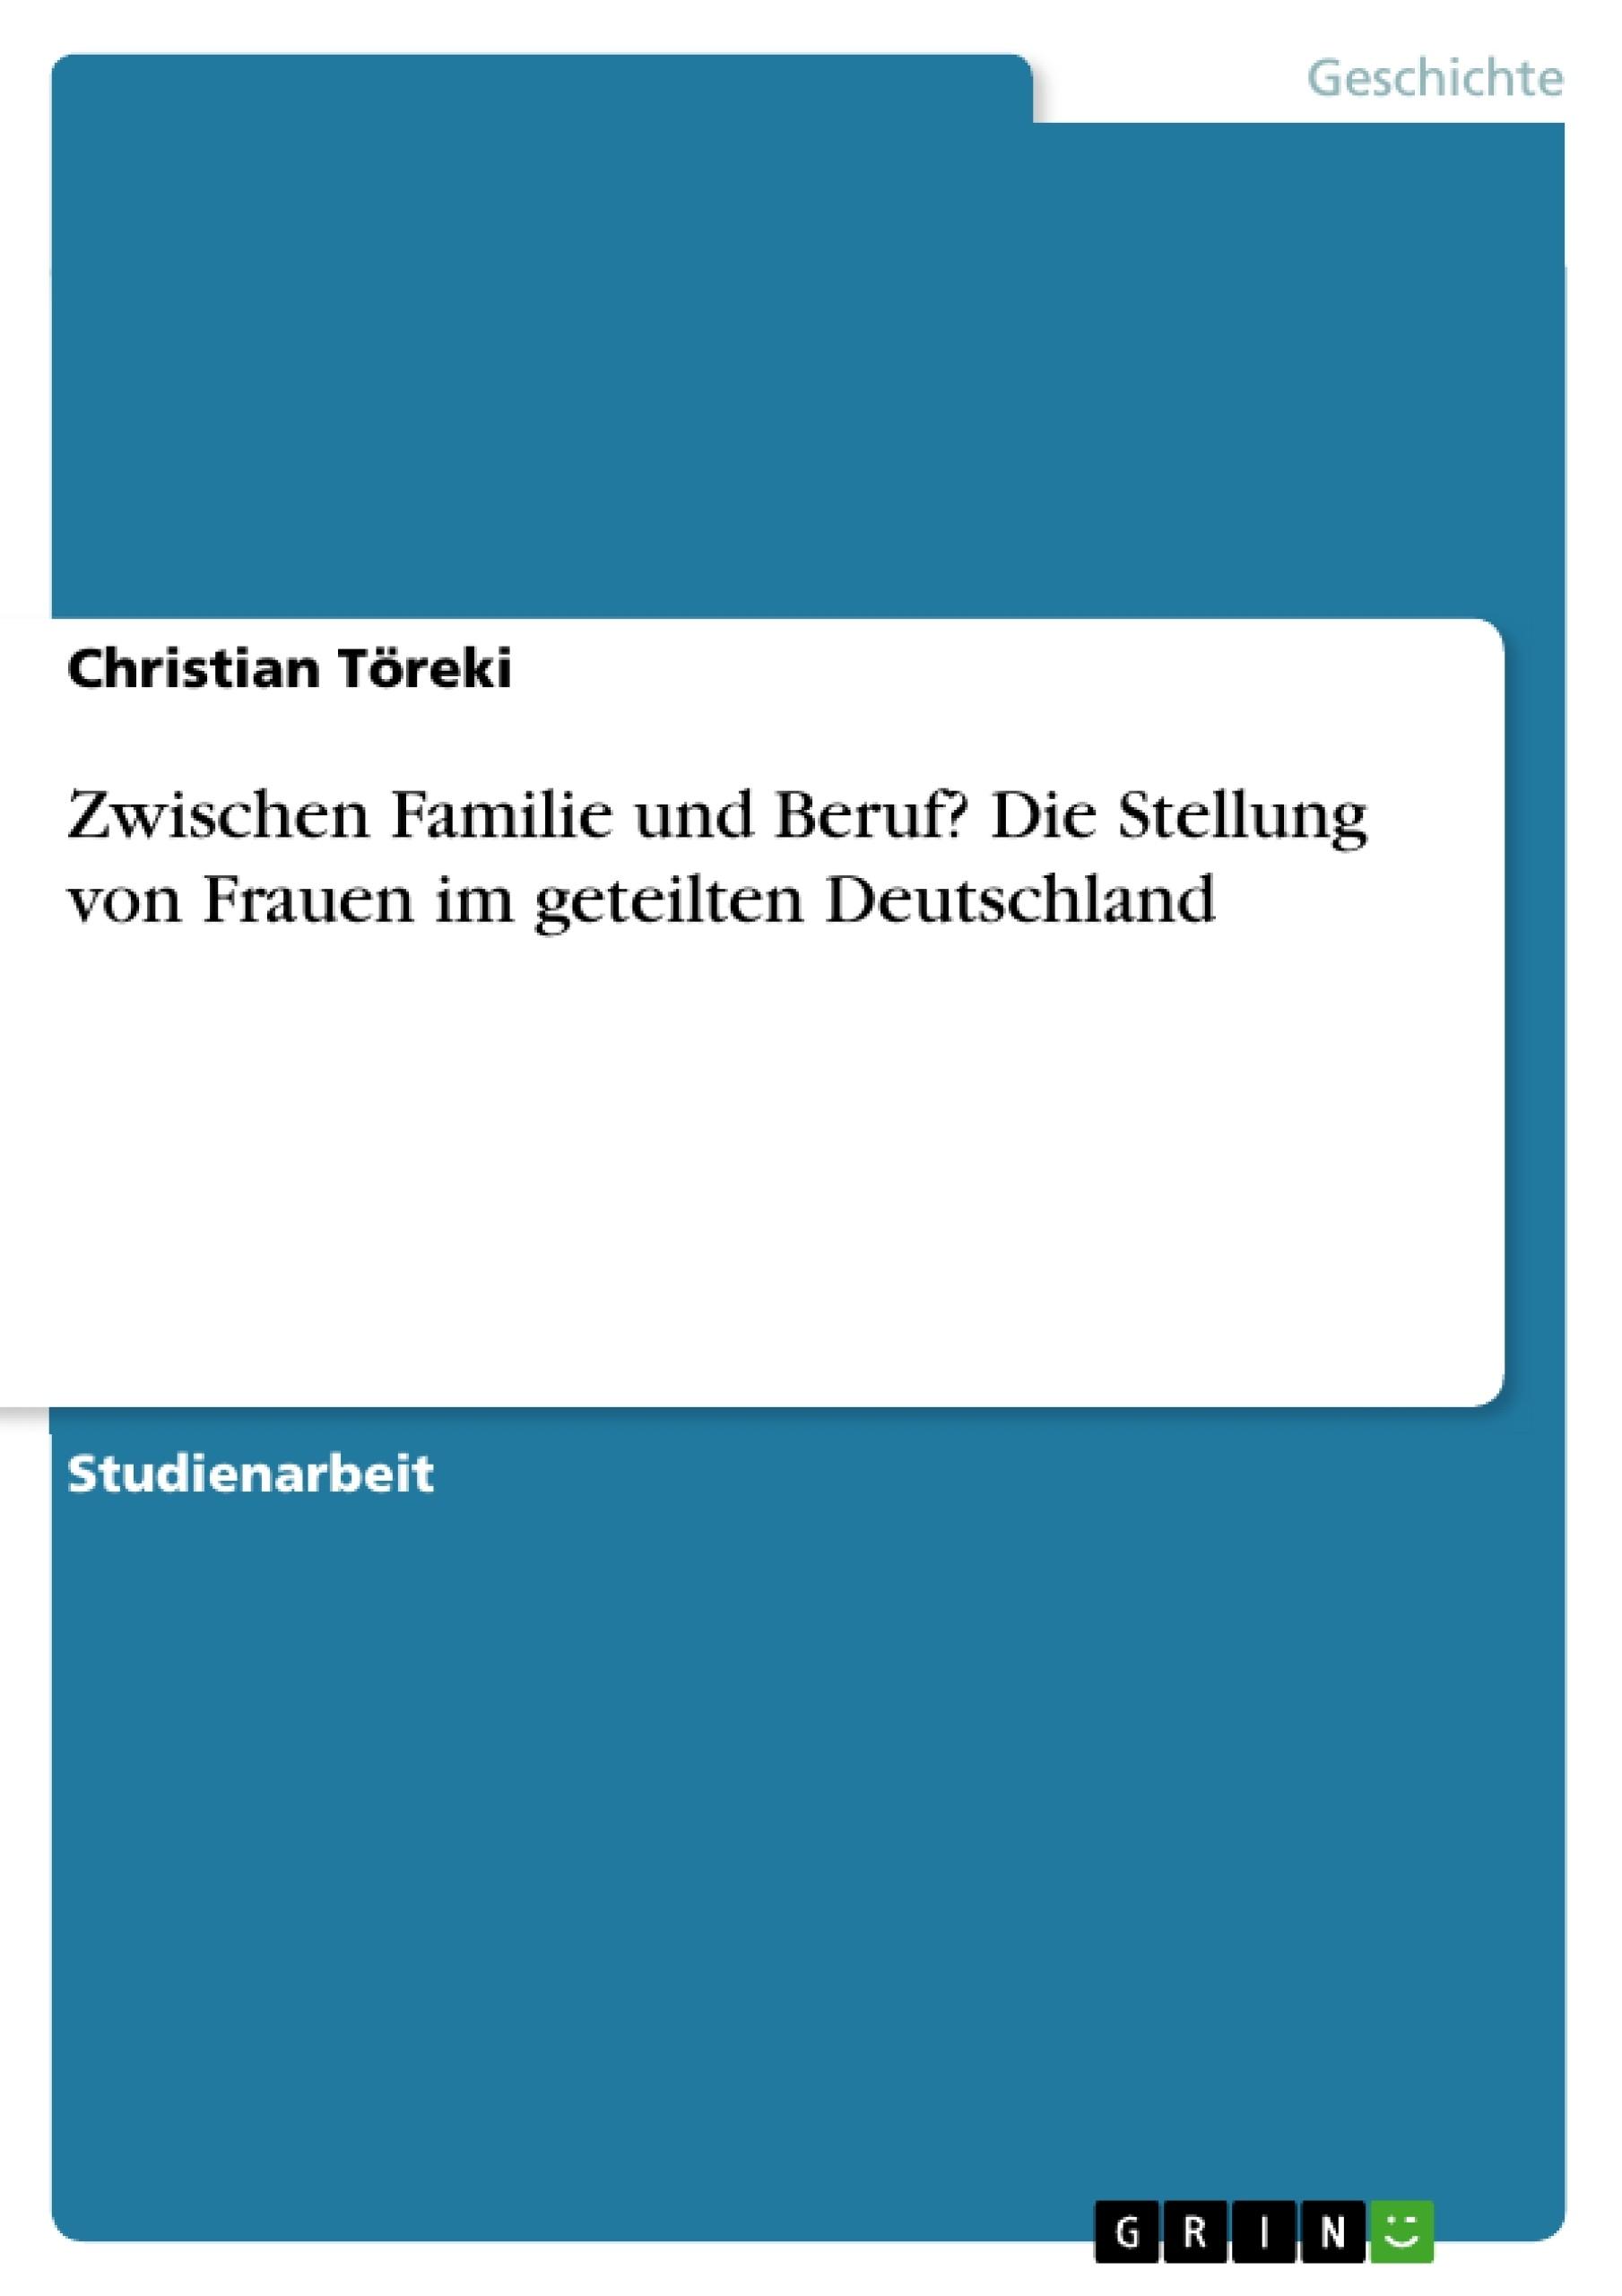 Titel: Zwischen Familie und Beruf? Die Stellung von Frauen im geteilten Deutschland